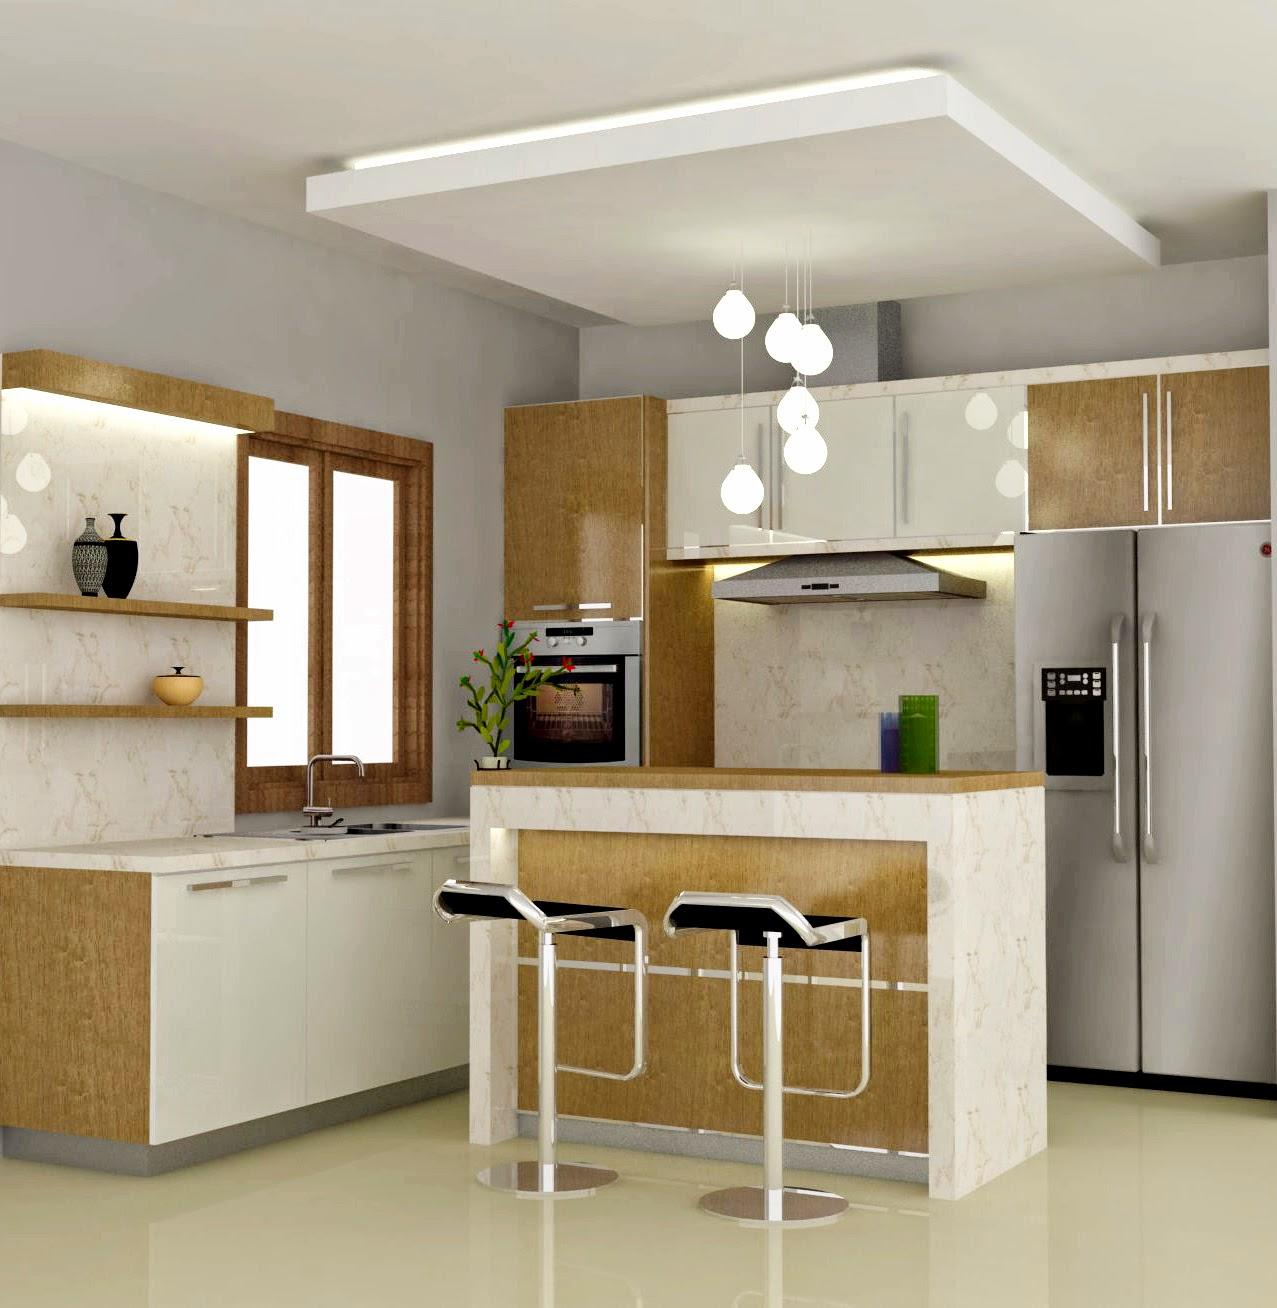 Desain Dapur Sederhana Dan Murah Menurut Netizen INOVASI RUMAH